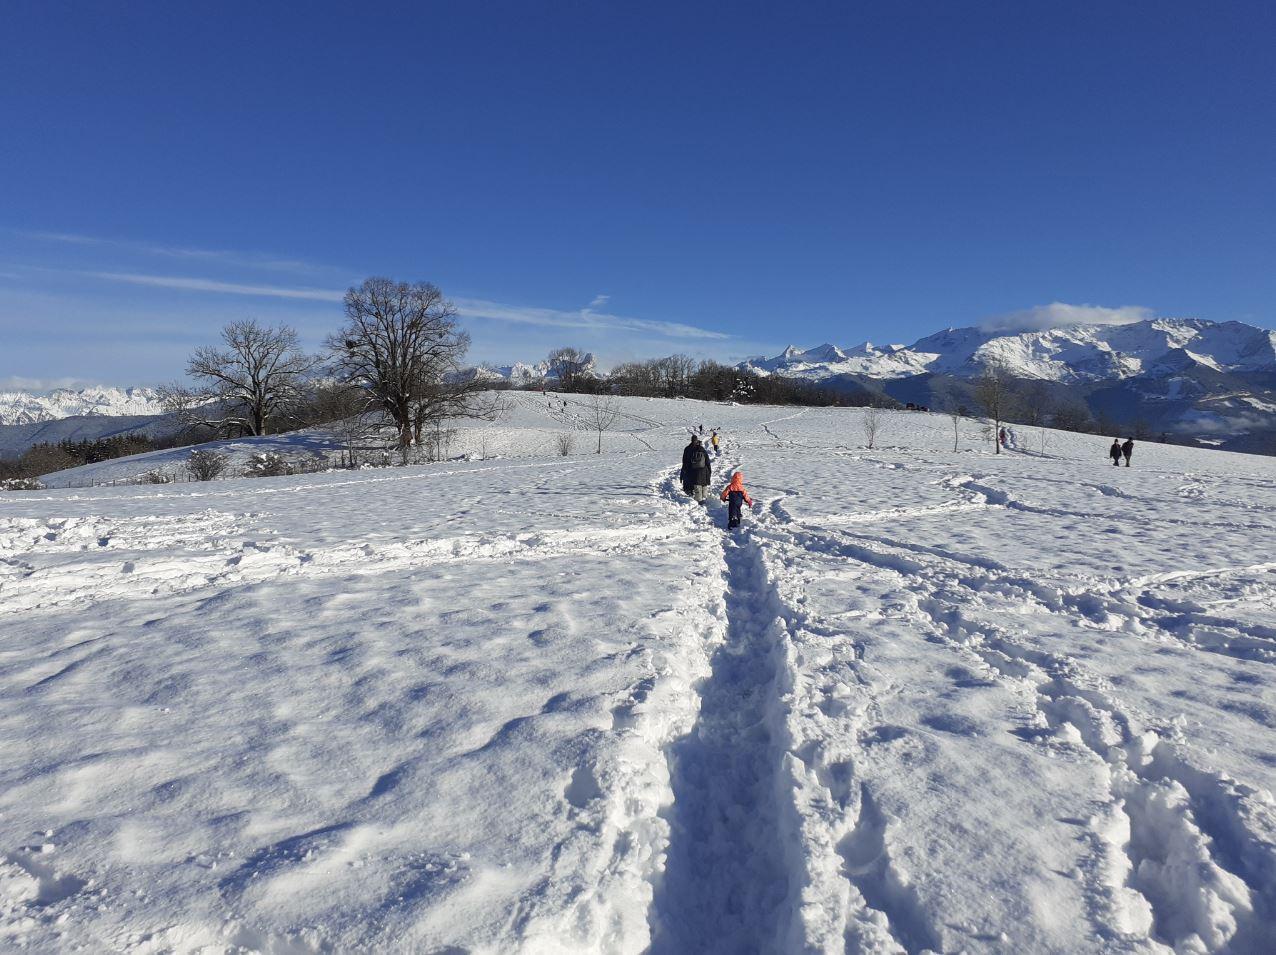 La promenade à pied dans la neige fraîche à Saint-Bernard-du-Touvet près de Grenoble